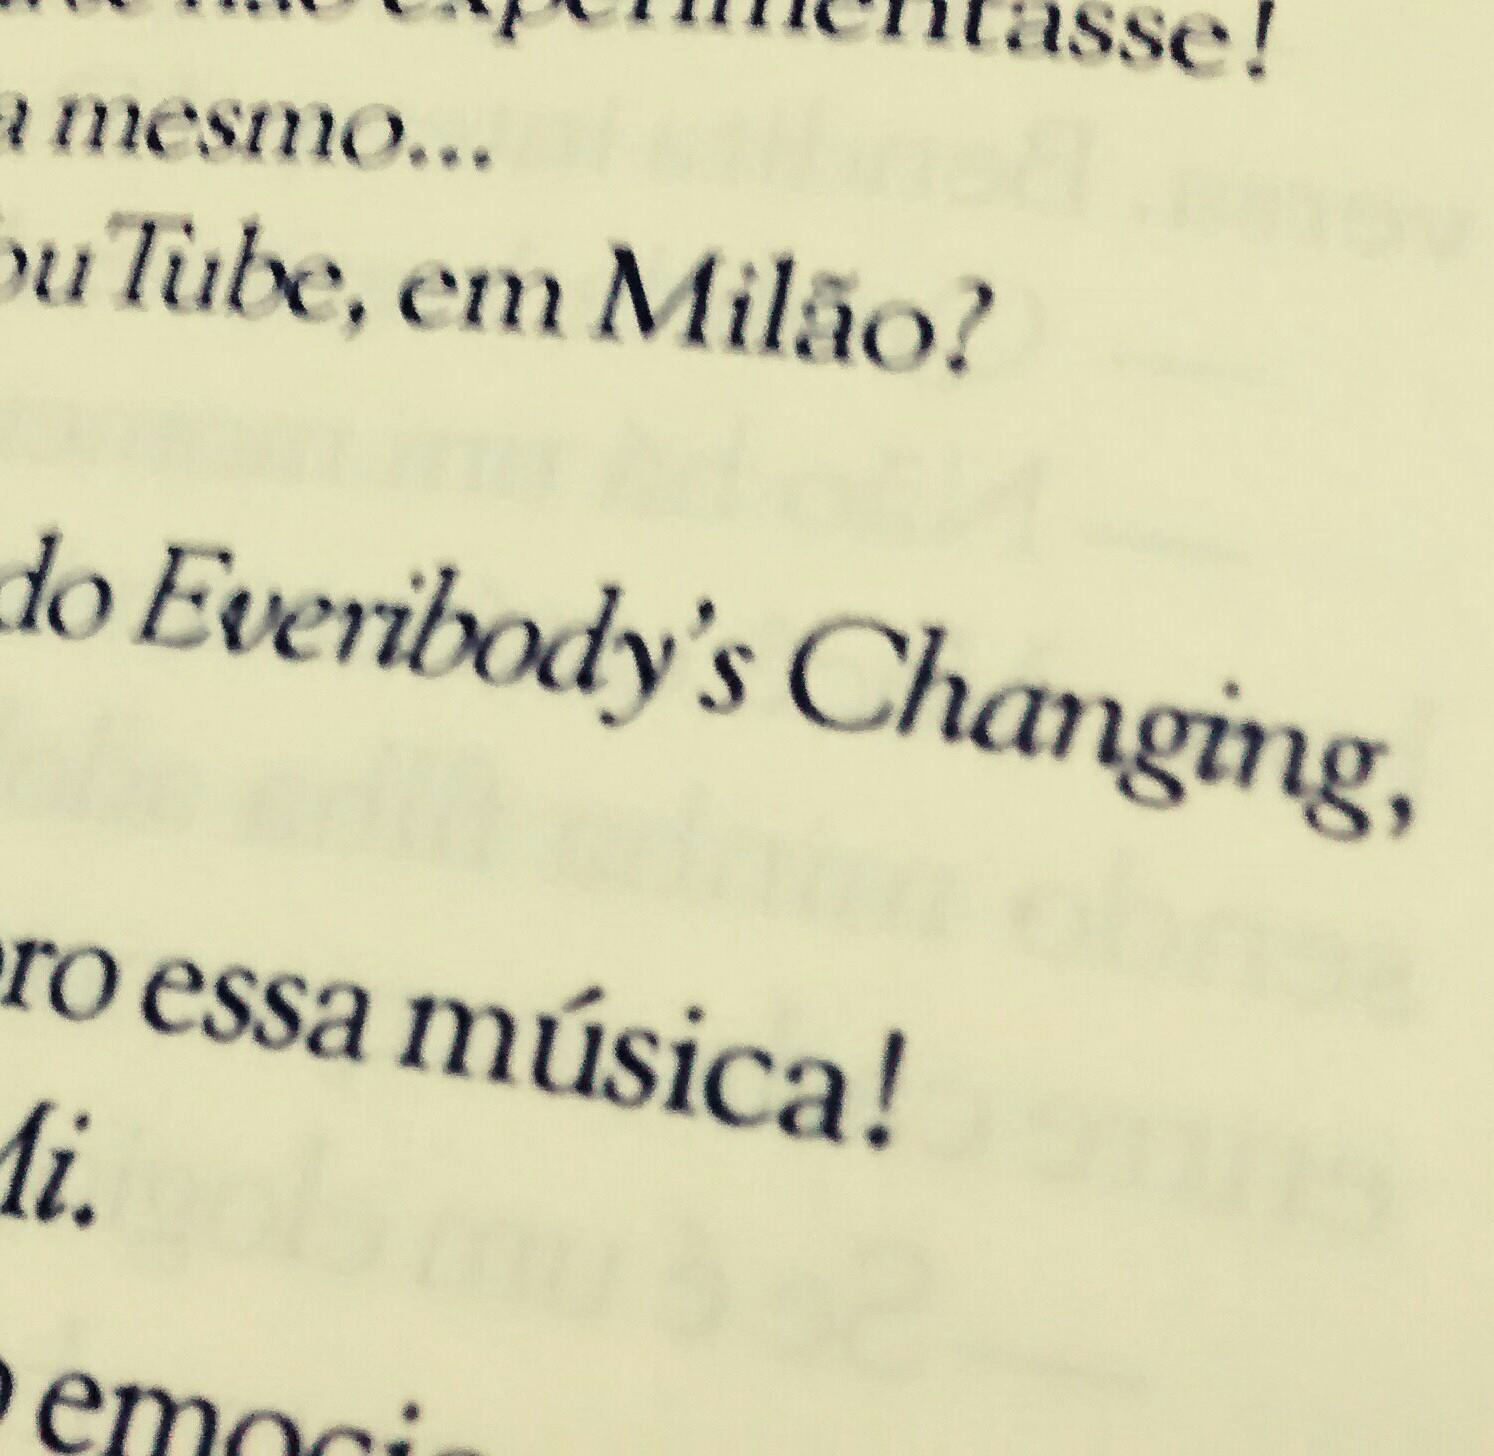 Desapego - O Livro, Everybody's Changing